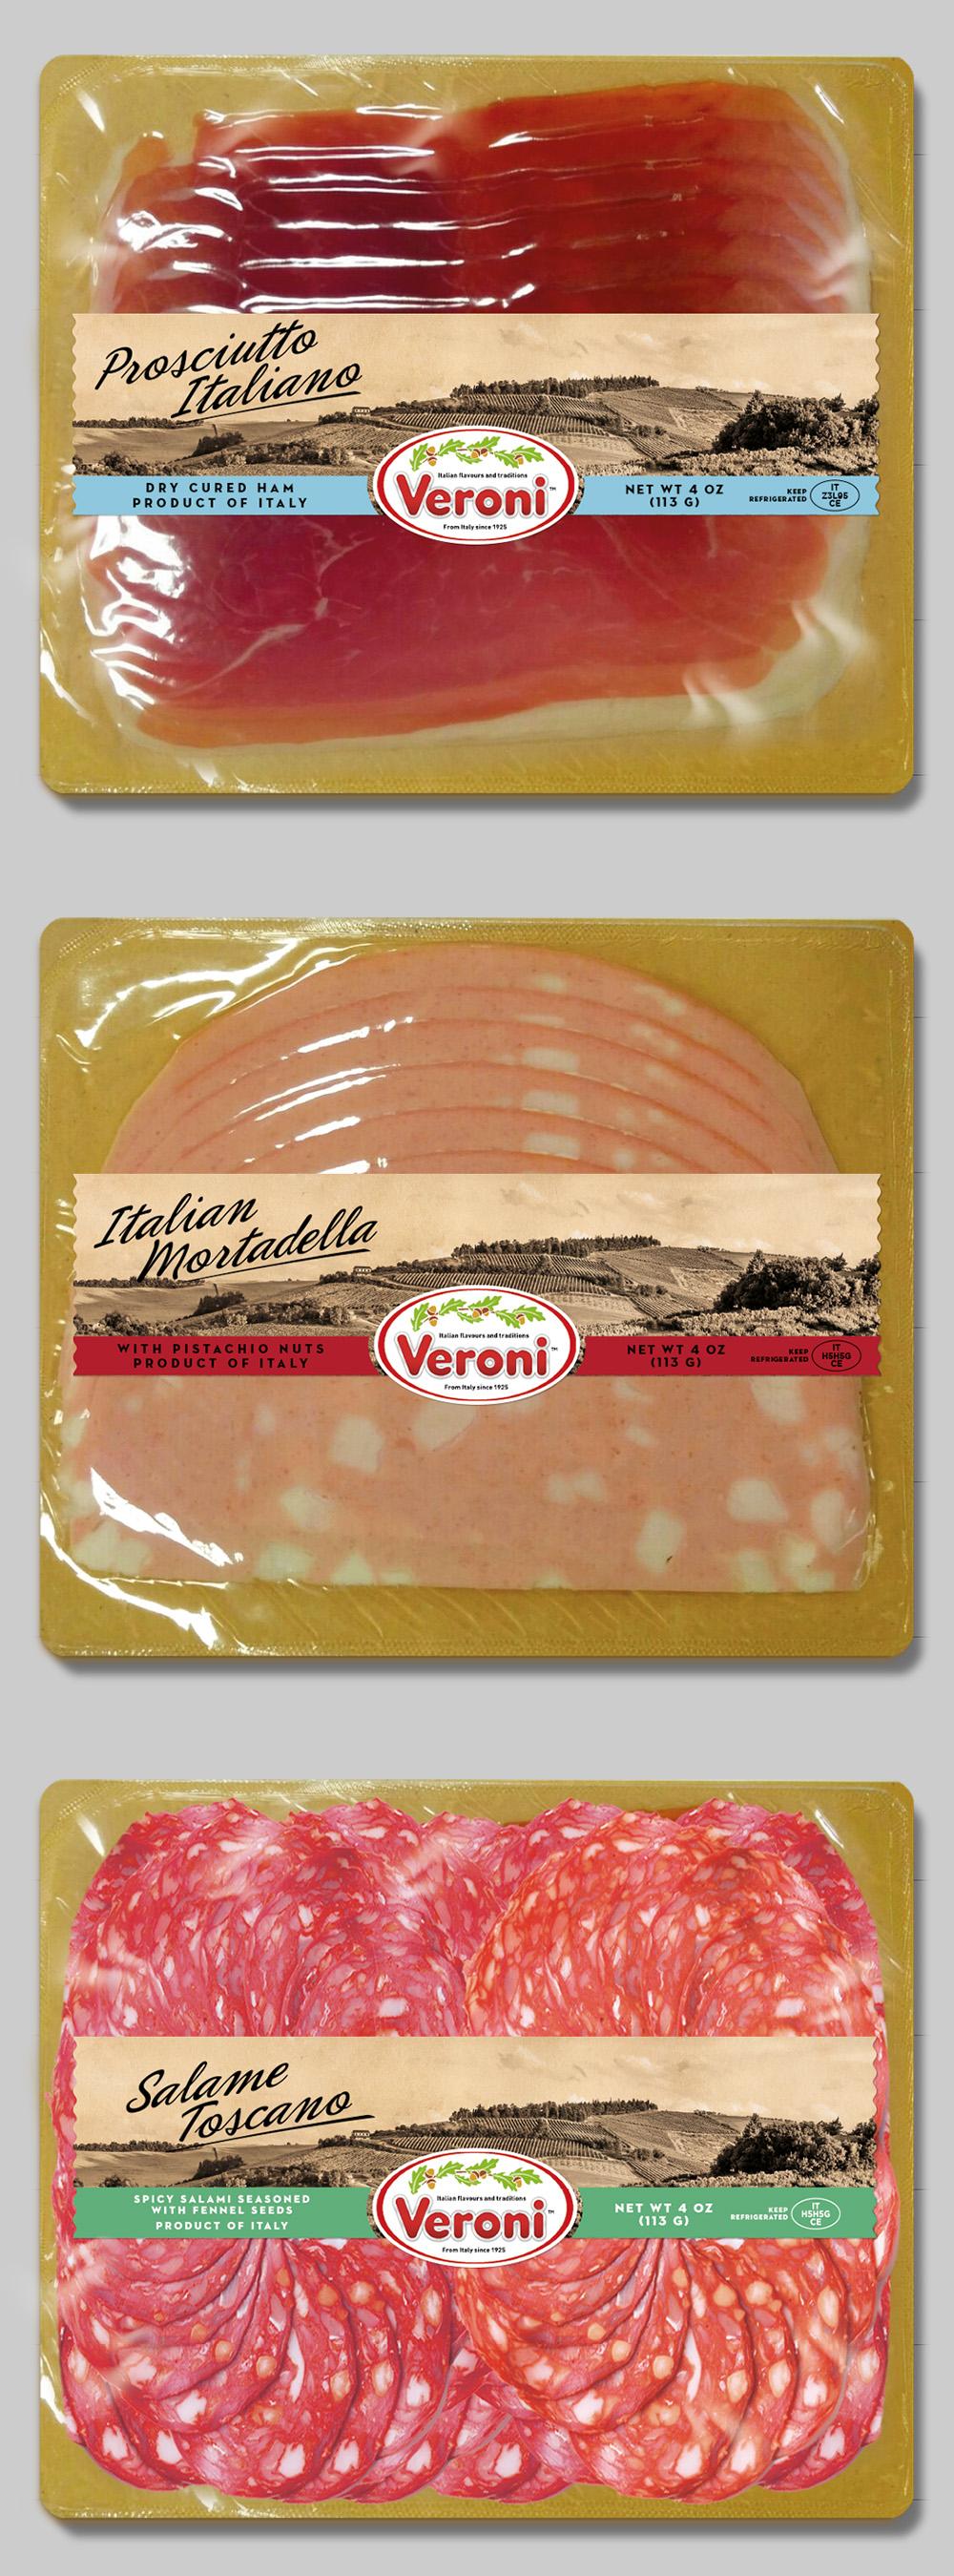 Menabò - Veroni Vaschette LANDSCAPE